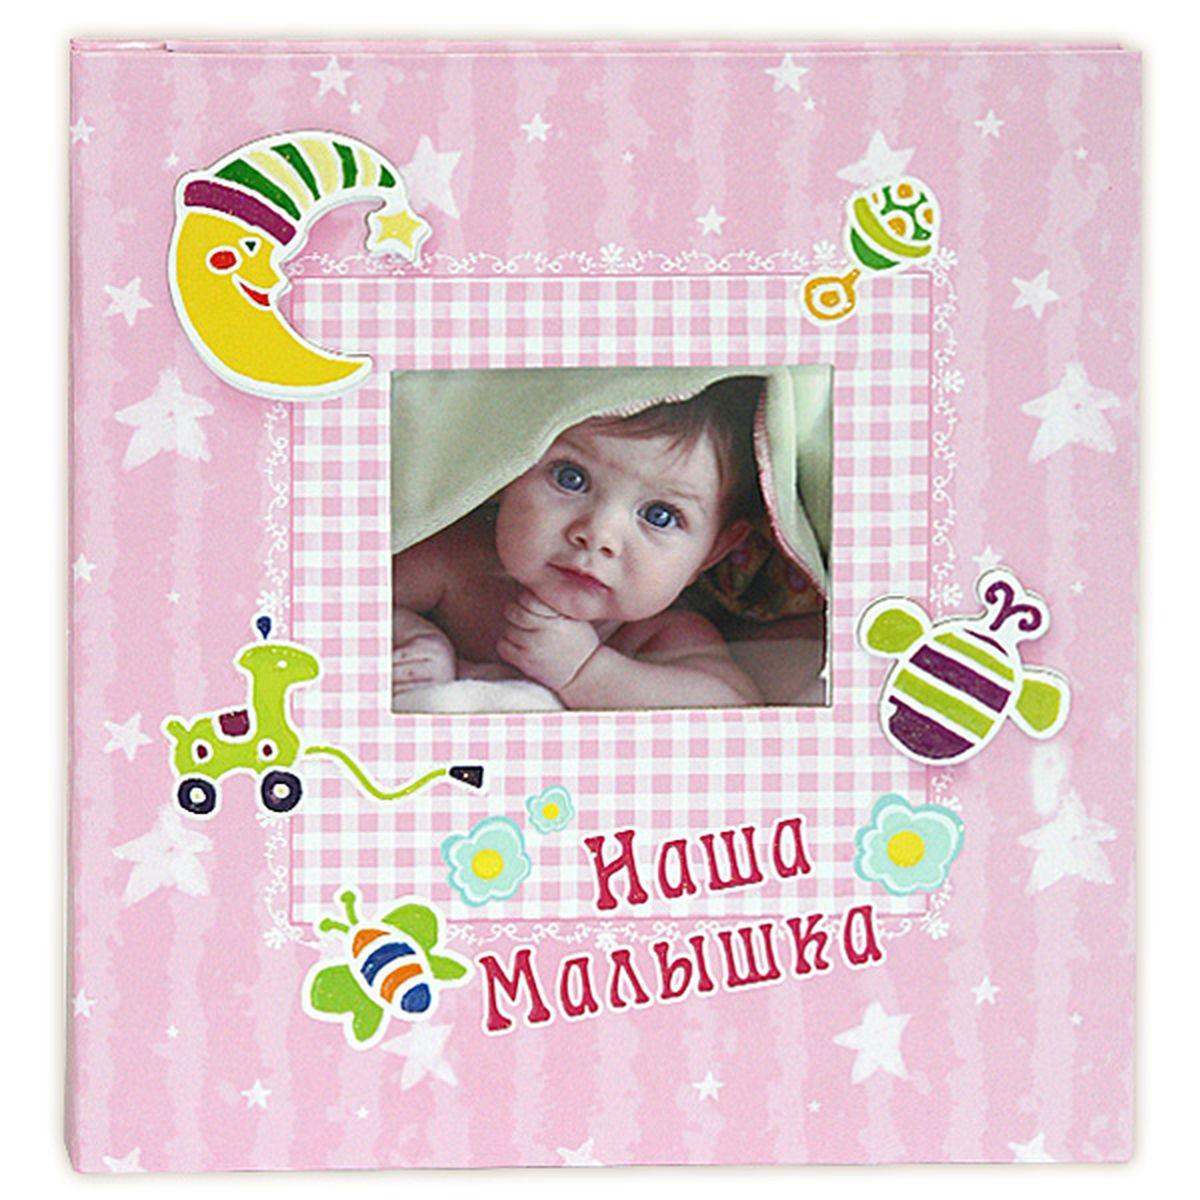 Фотокнига Pioneer Our Baby 6, цвет: розовый, 26 x 28 см46418 FAРазмер фотографий: 26x28 см. Цвет: розовый.